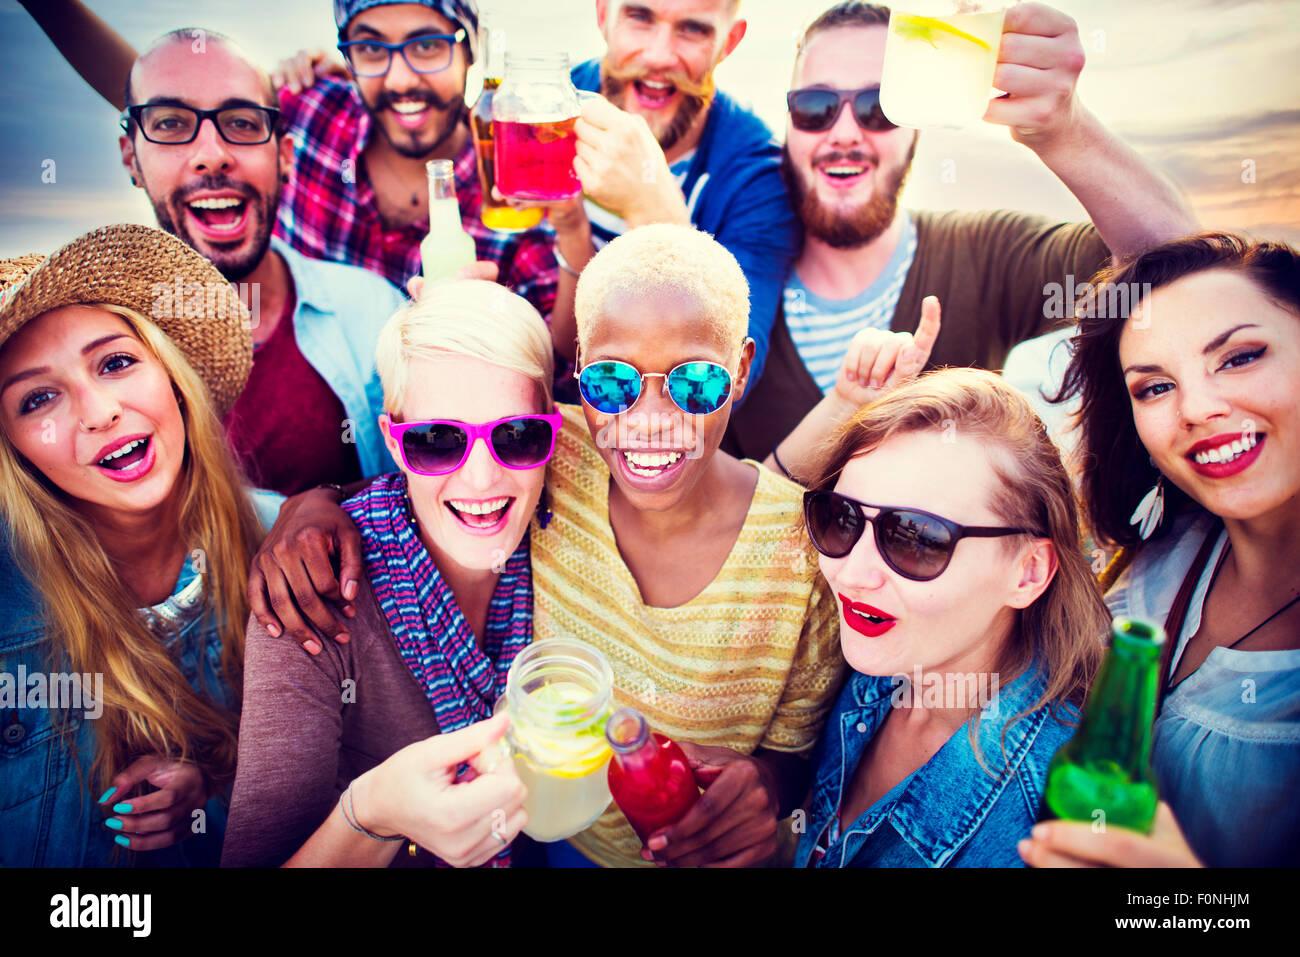 Celebración alegre disfrutando parte del ocio concepto felicidad Imagen De Stock